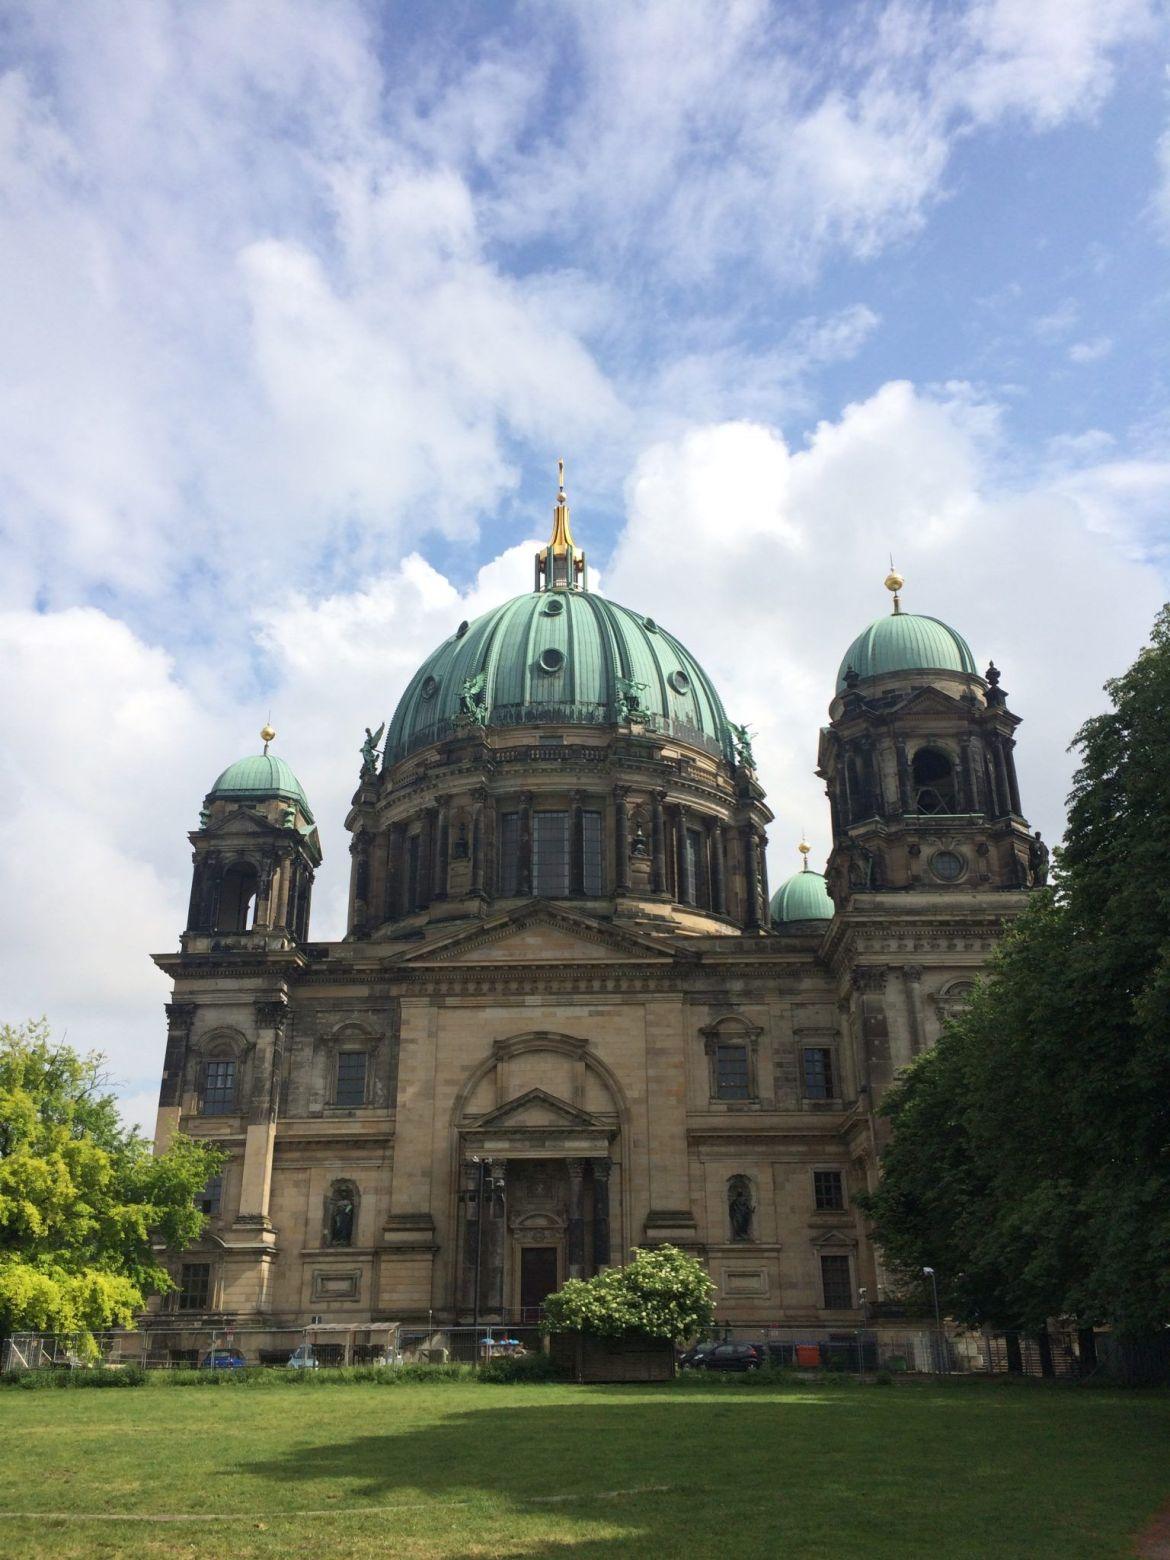 Qué ver y hacer en Berlín en 4 días: Dom, Catedral de Berlín